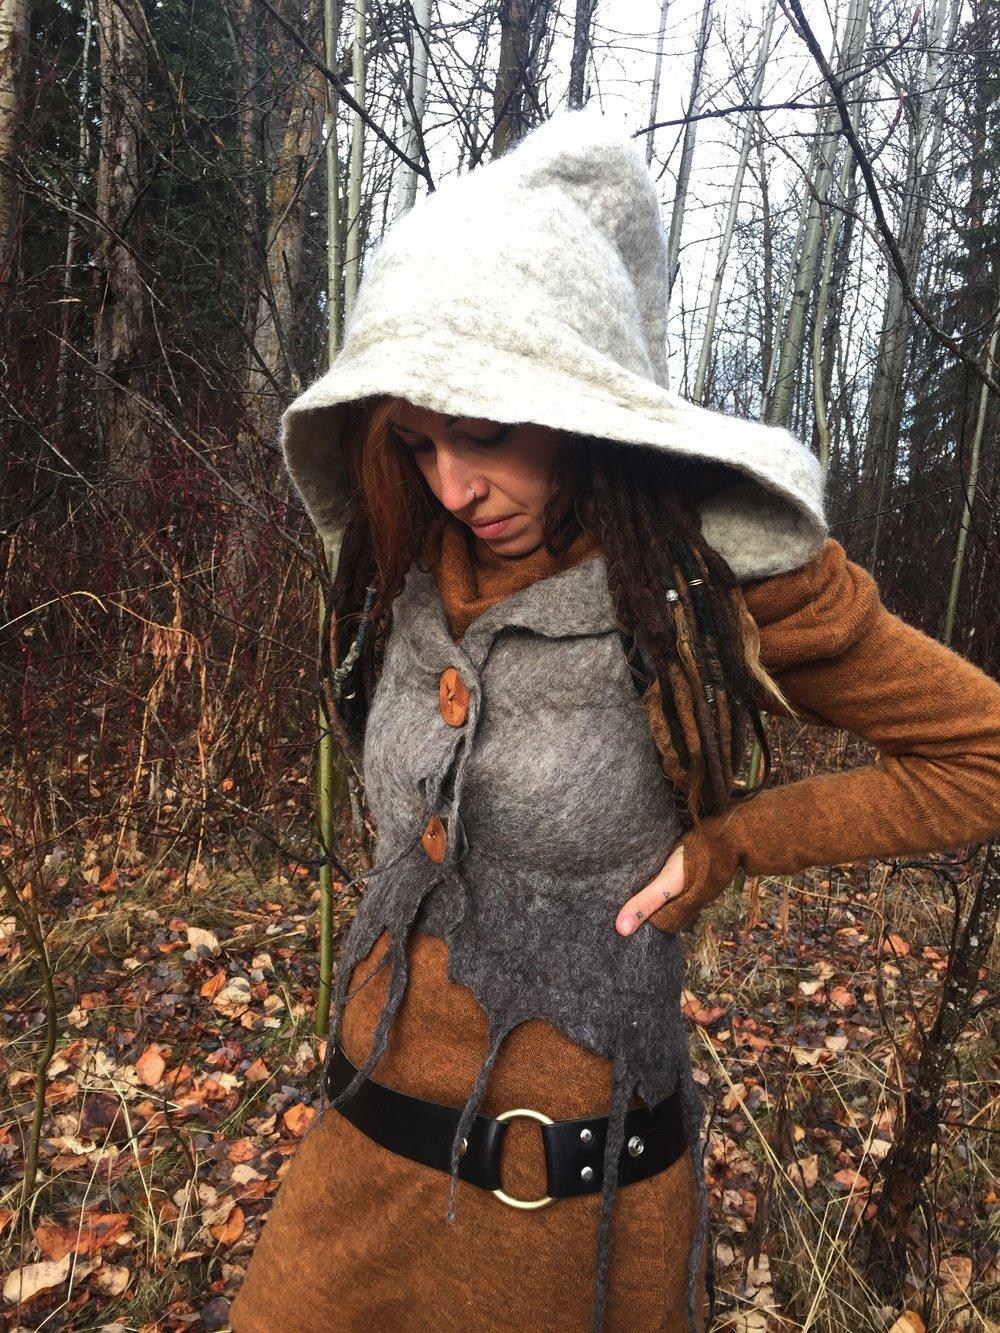 Forestdweller handfelted Vest